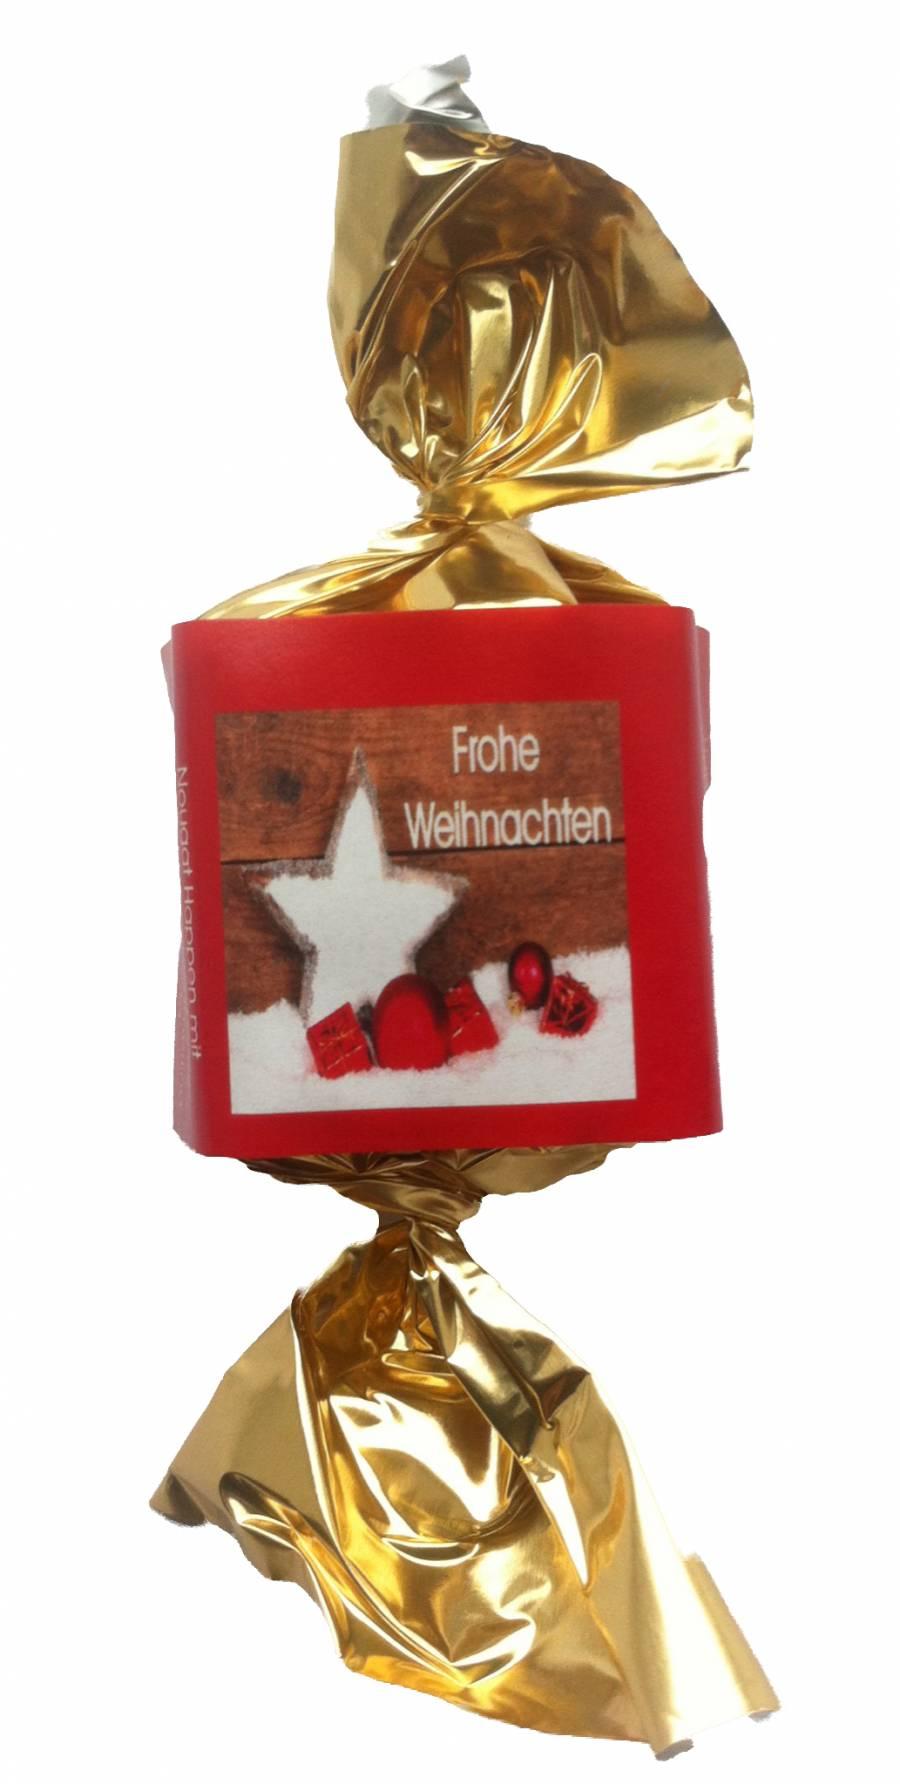 Bio Nougatbusserl ,VM Frohe Weihnachten, ,100 Stück